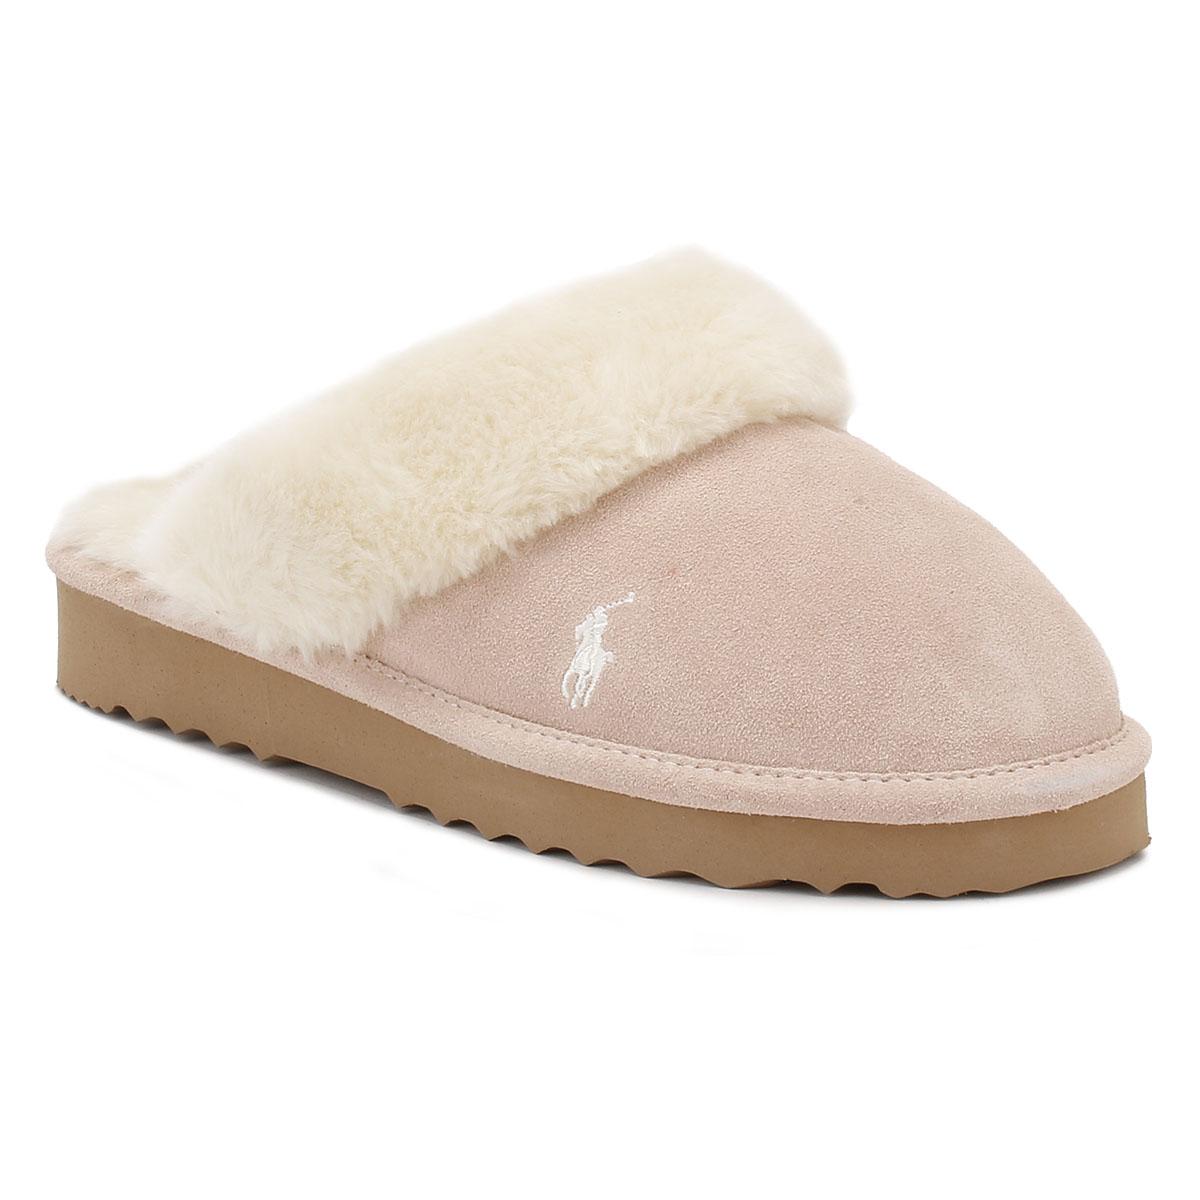 Ralph Lauren Womens Slippers Snuff Light Pink Cream Charlotte  # Muebles Ralph Lauren Espana